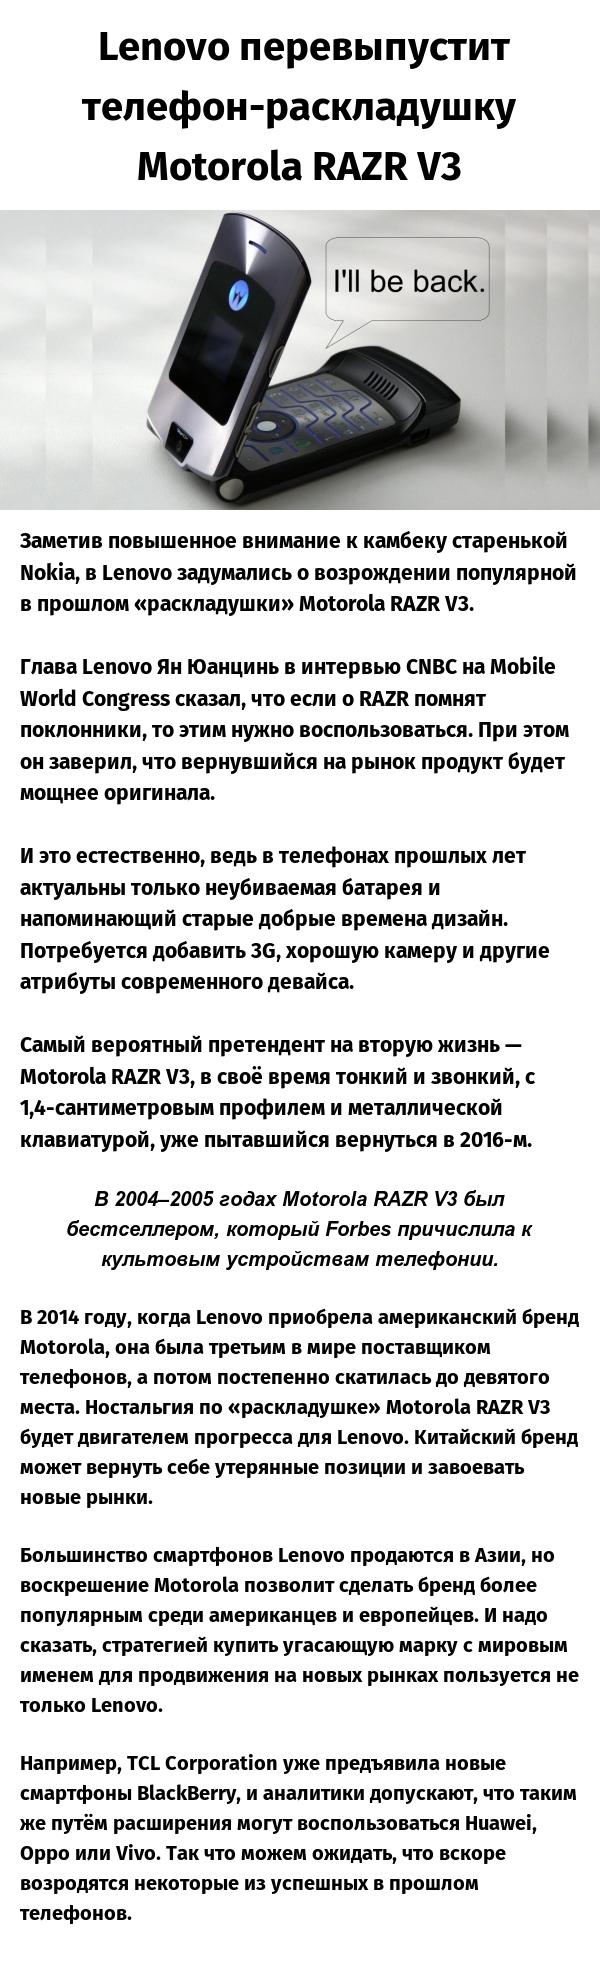 Lenovo перевыпустит телефон-раскладушку Motorola RAZR V3. Моторола, Razr, V3, Motorola RAZR V3, Вторая жизнь, Возвращение, Длиннопост